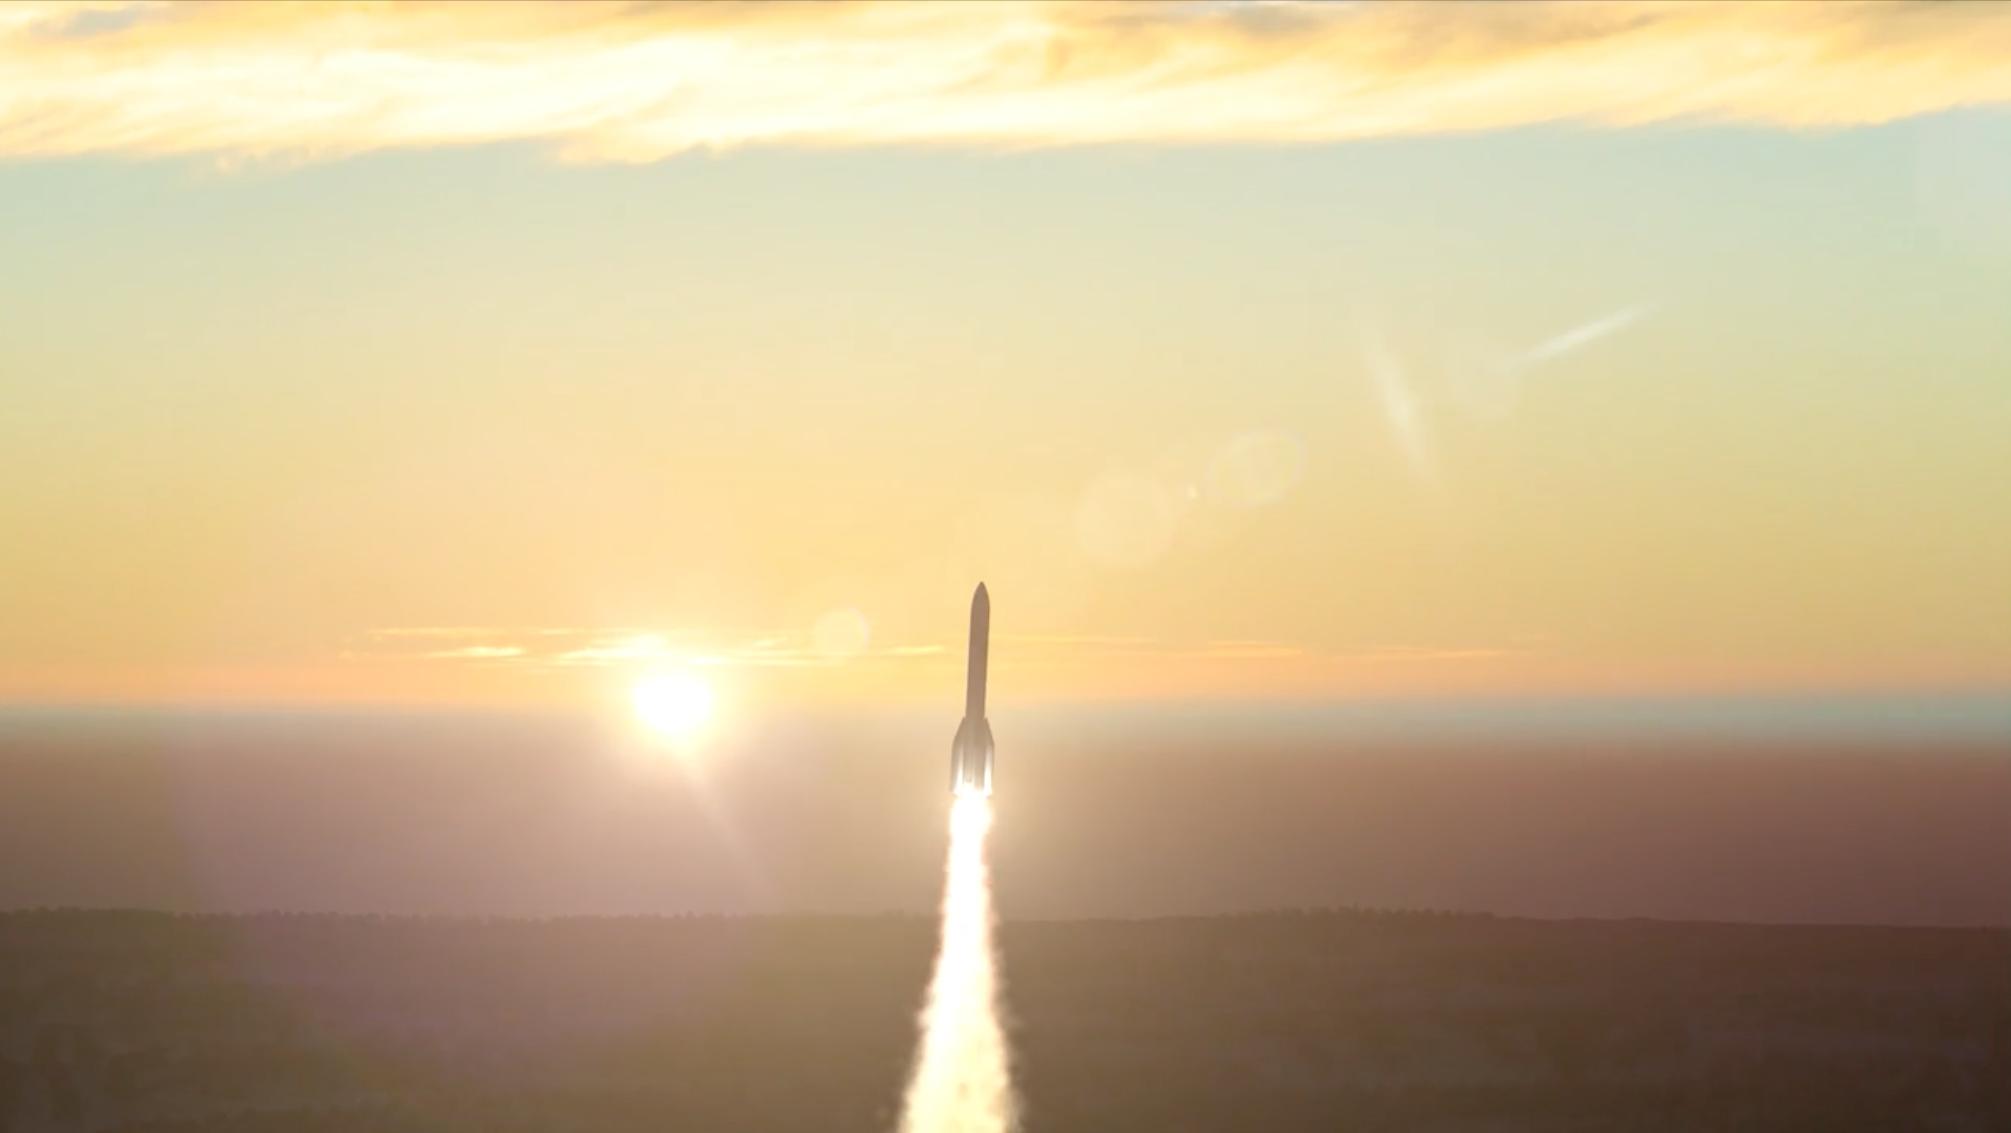 140 essais et plusieurs premières pour Vinci, le moteur d'Ariane 6